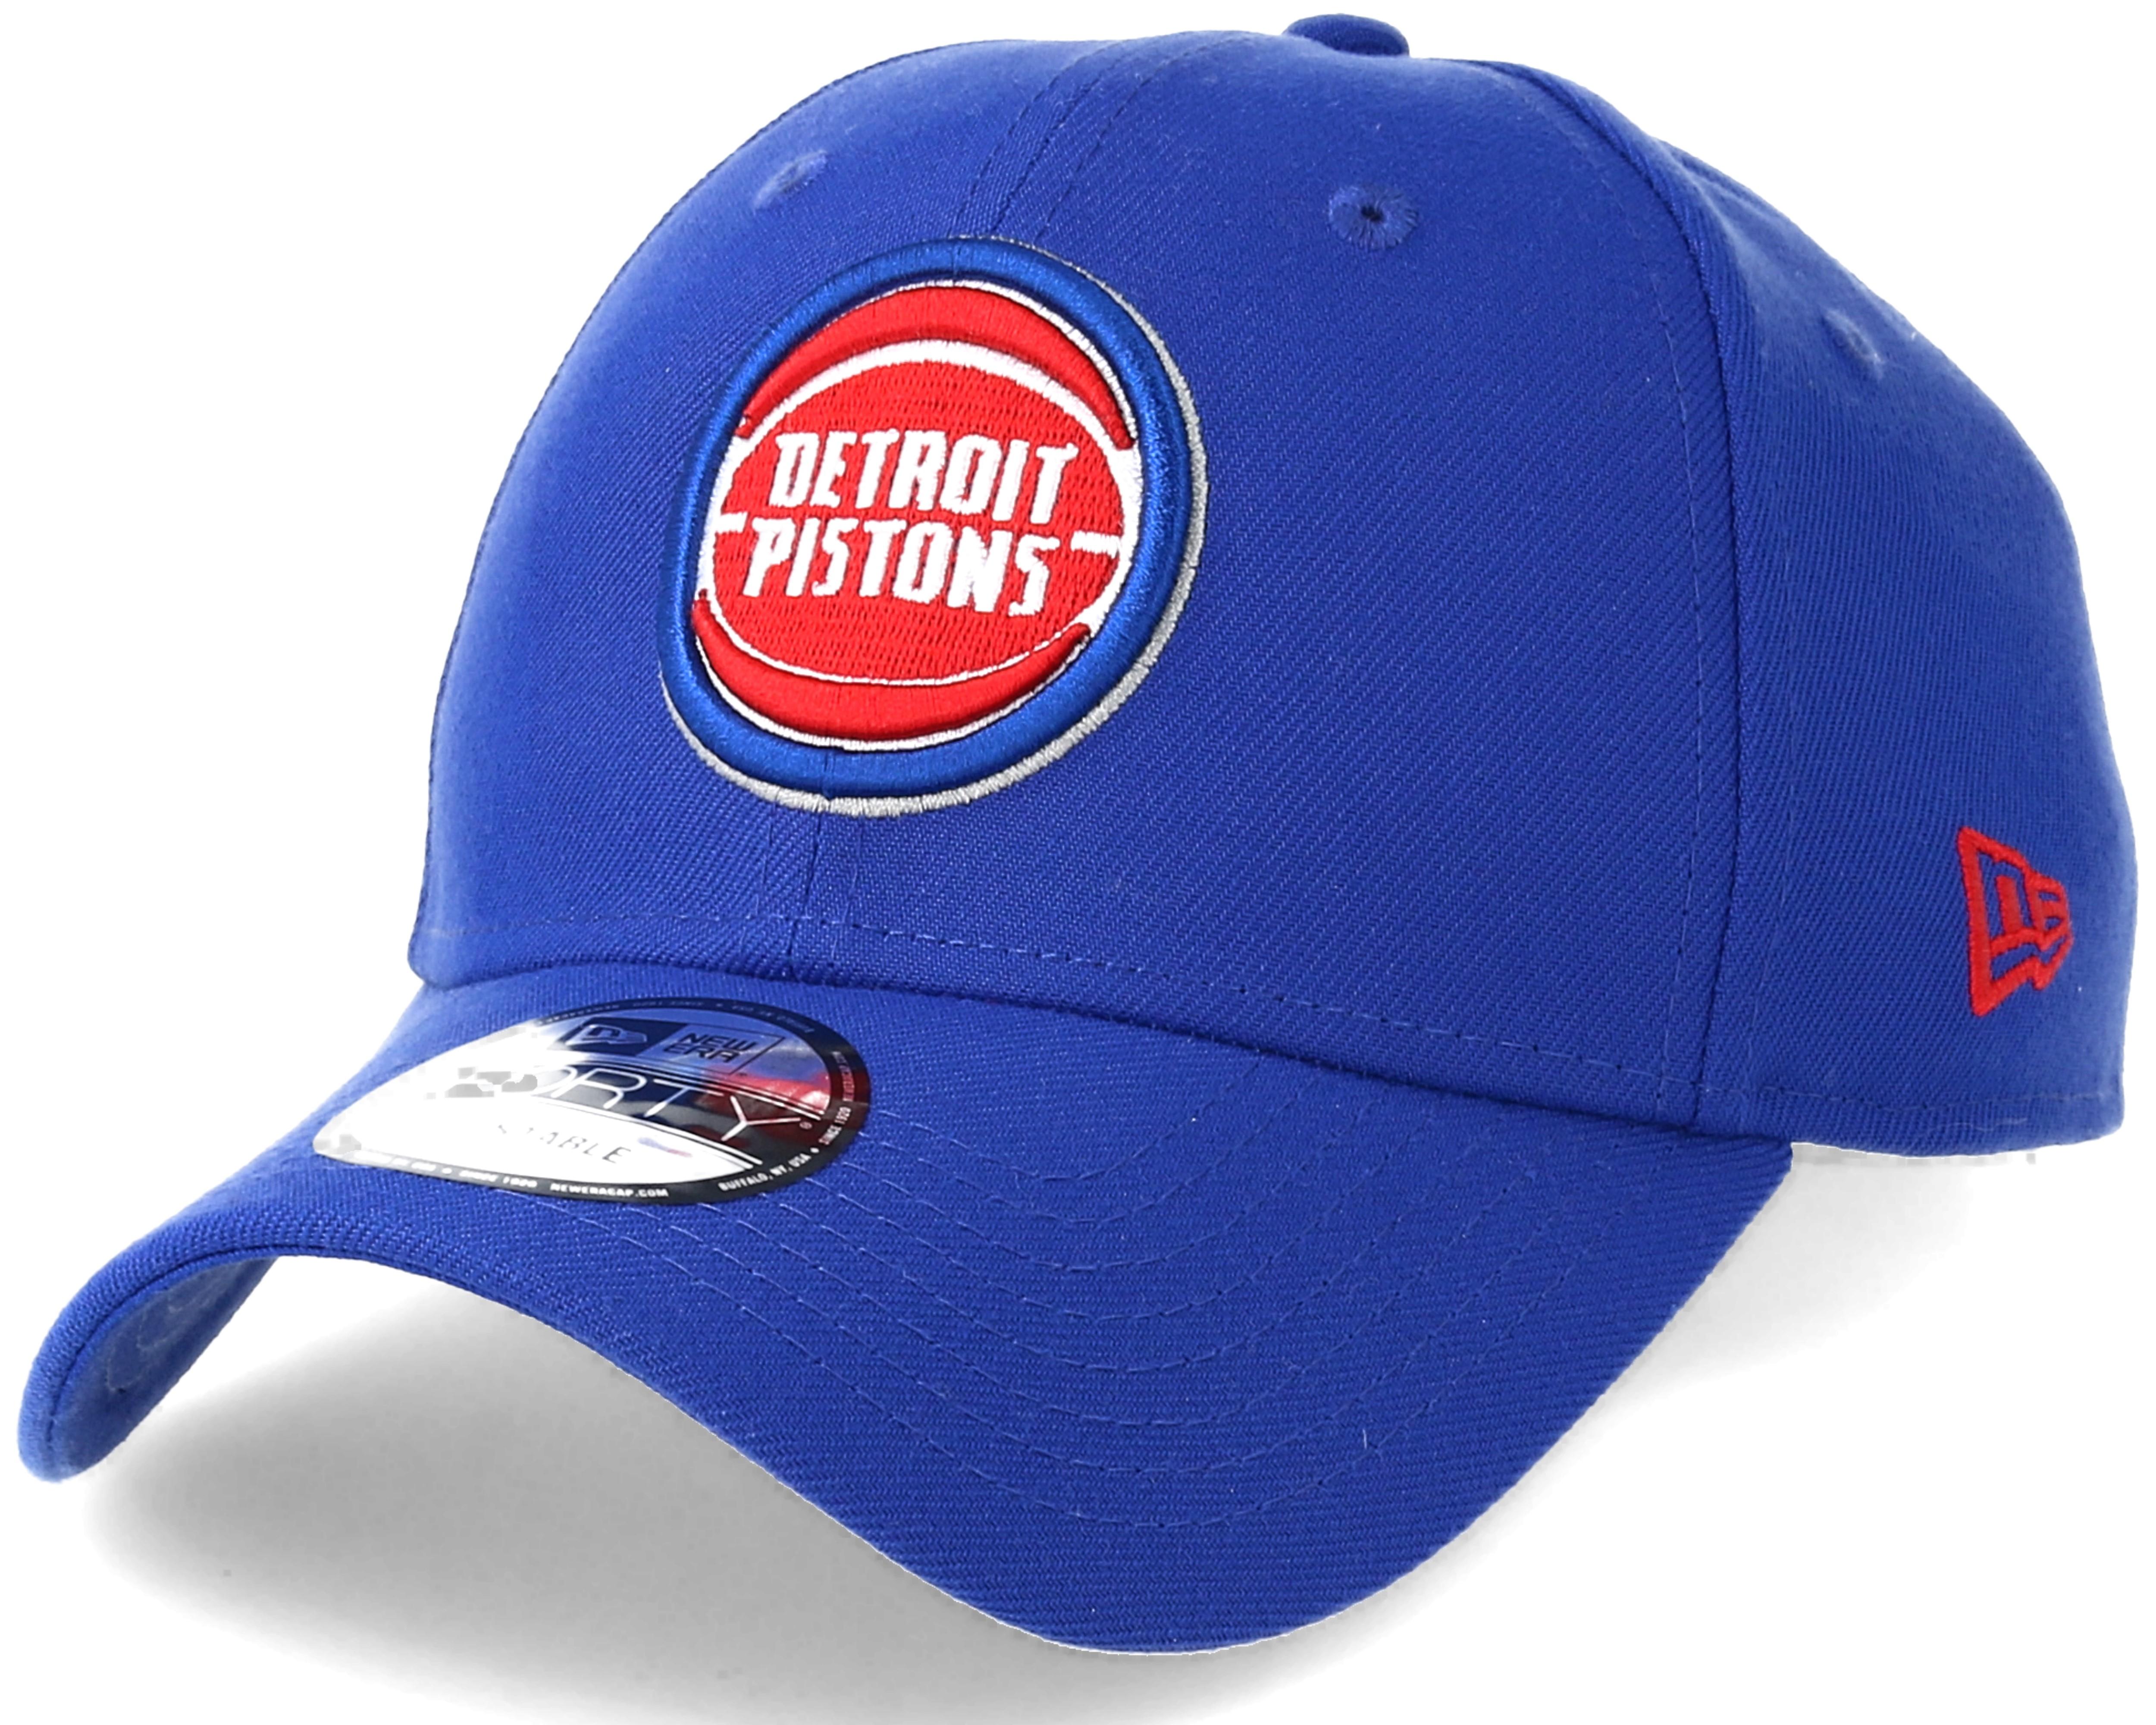 hot sale online dca4d fb5da Detroit Pistons The League 9Fifty Blue Adjustable - New Era